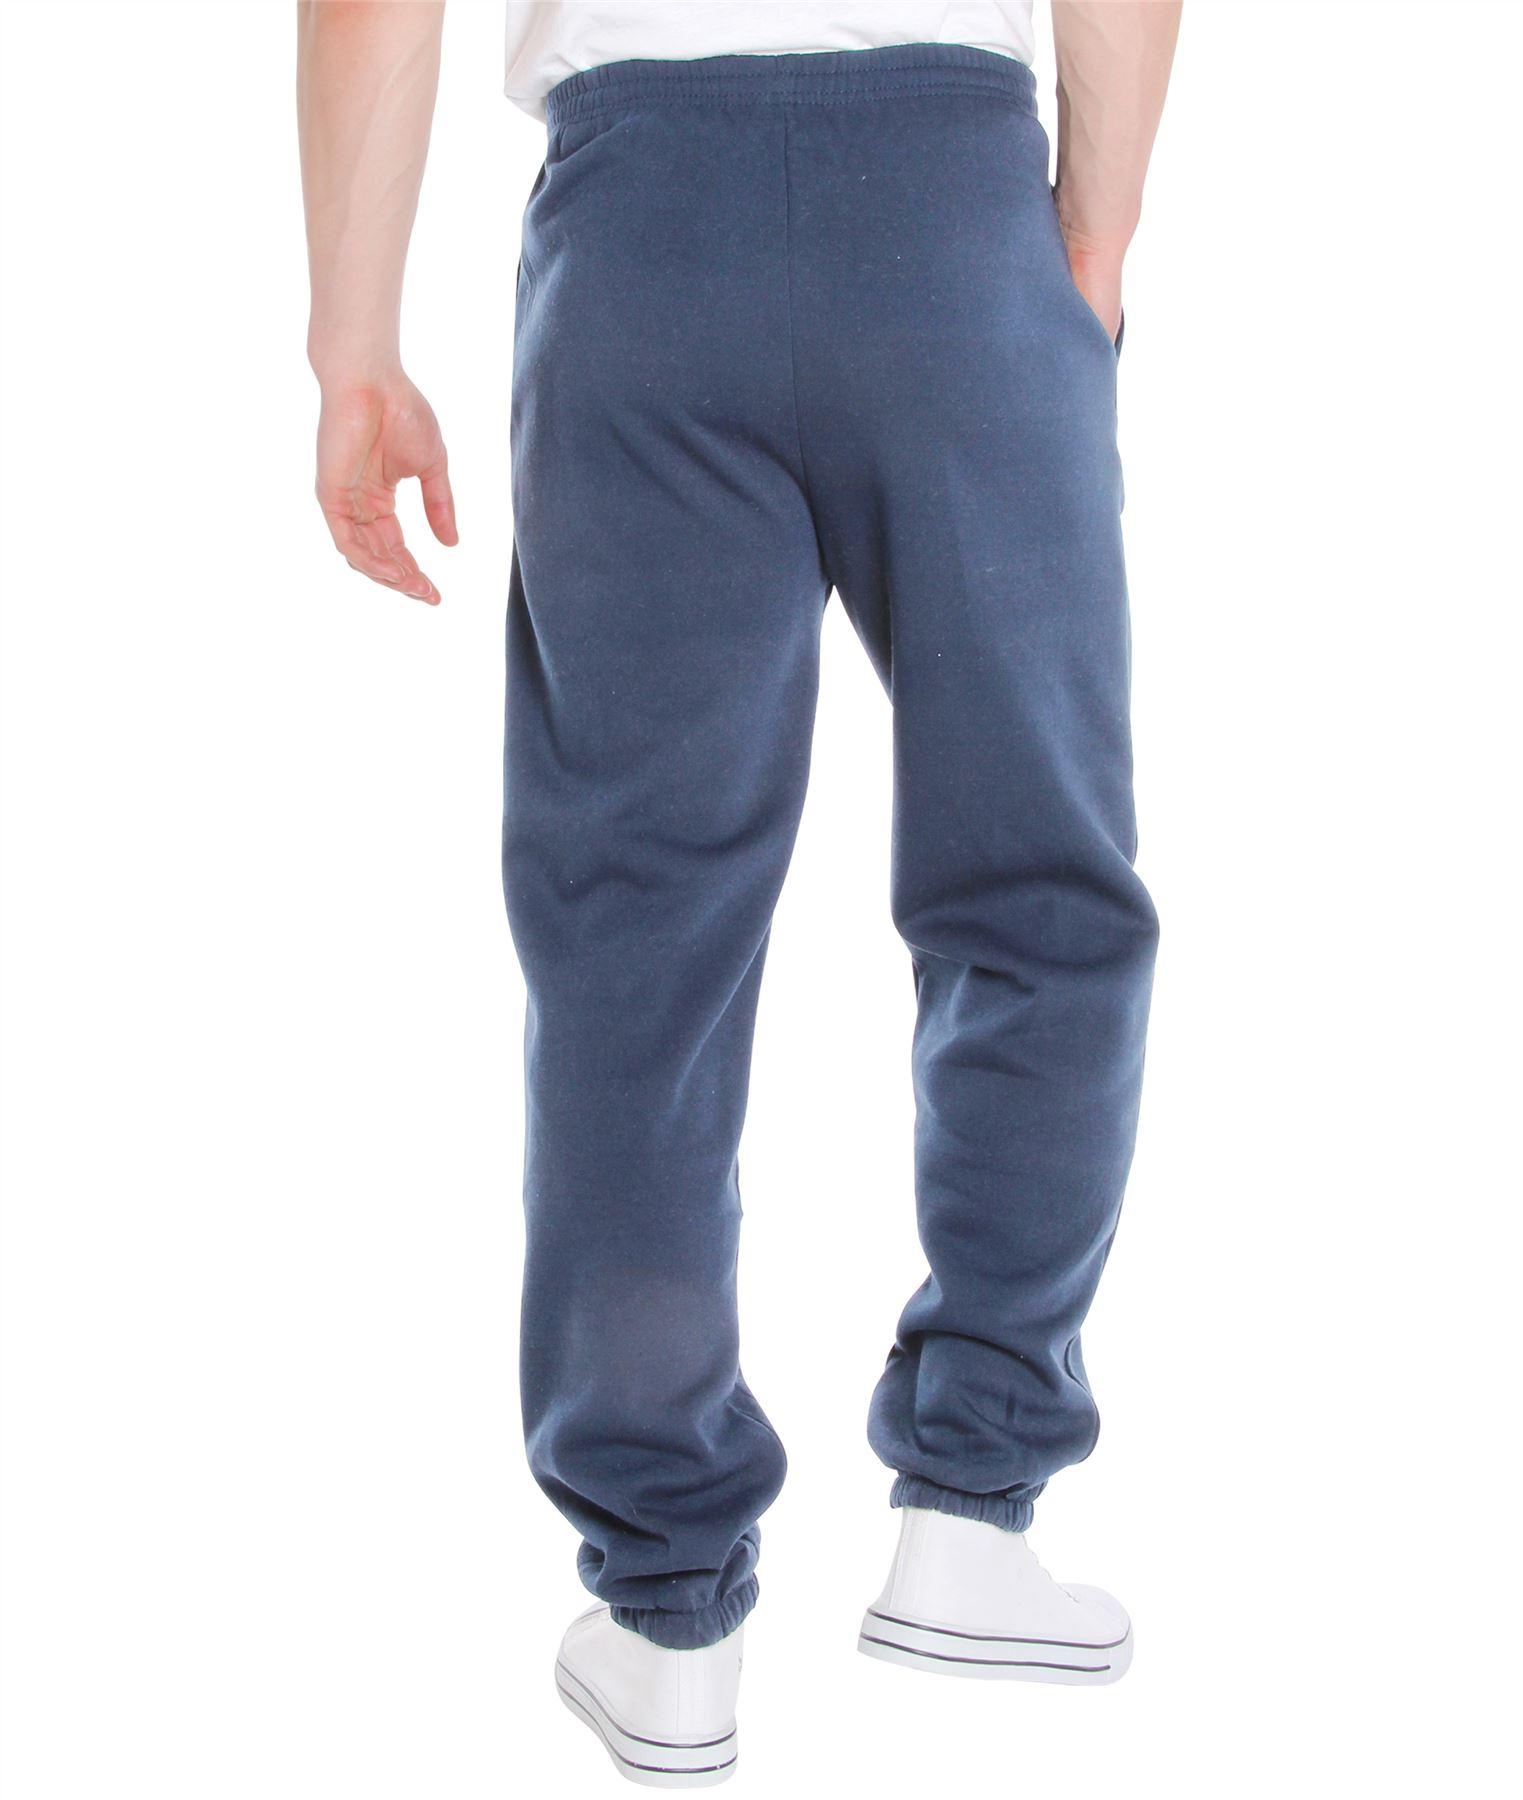 Homme-Pantalon-Double-Polaire-Survetement-Bas-Jogging-Decontracte-Sport-Gym miniature 3